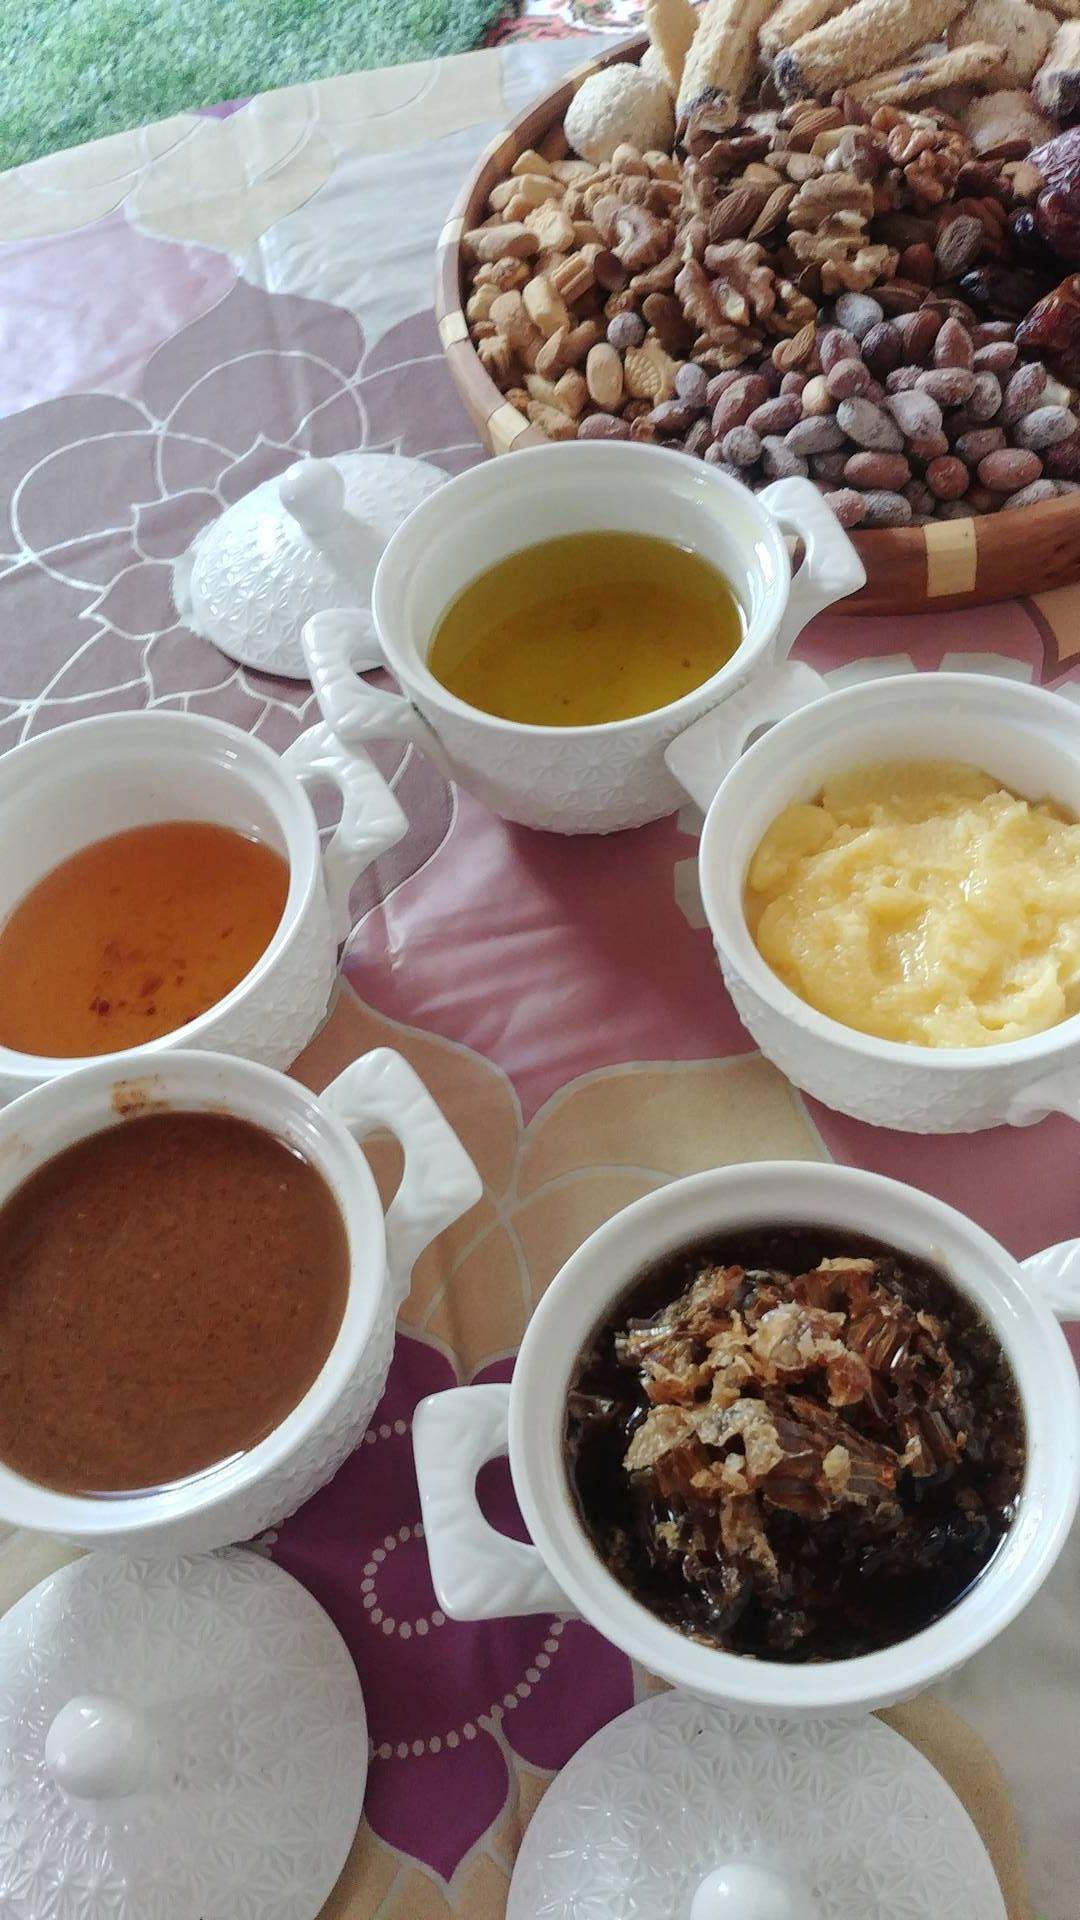 Maroc - Pause thé chez l'habitant au Sud d'Essaouira